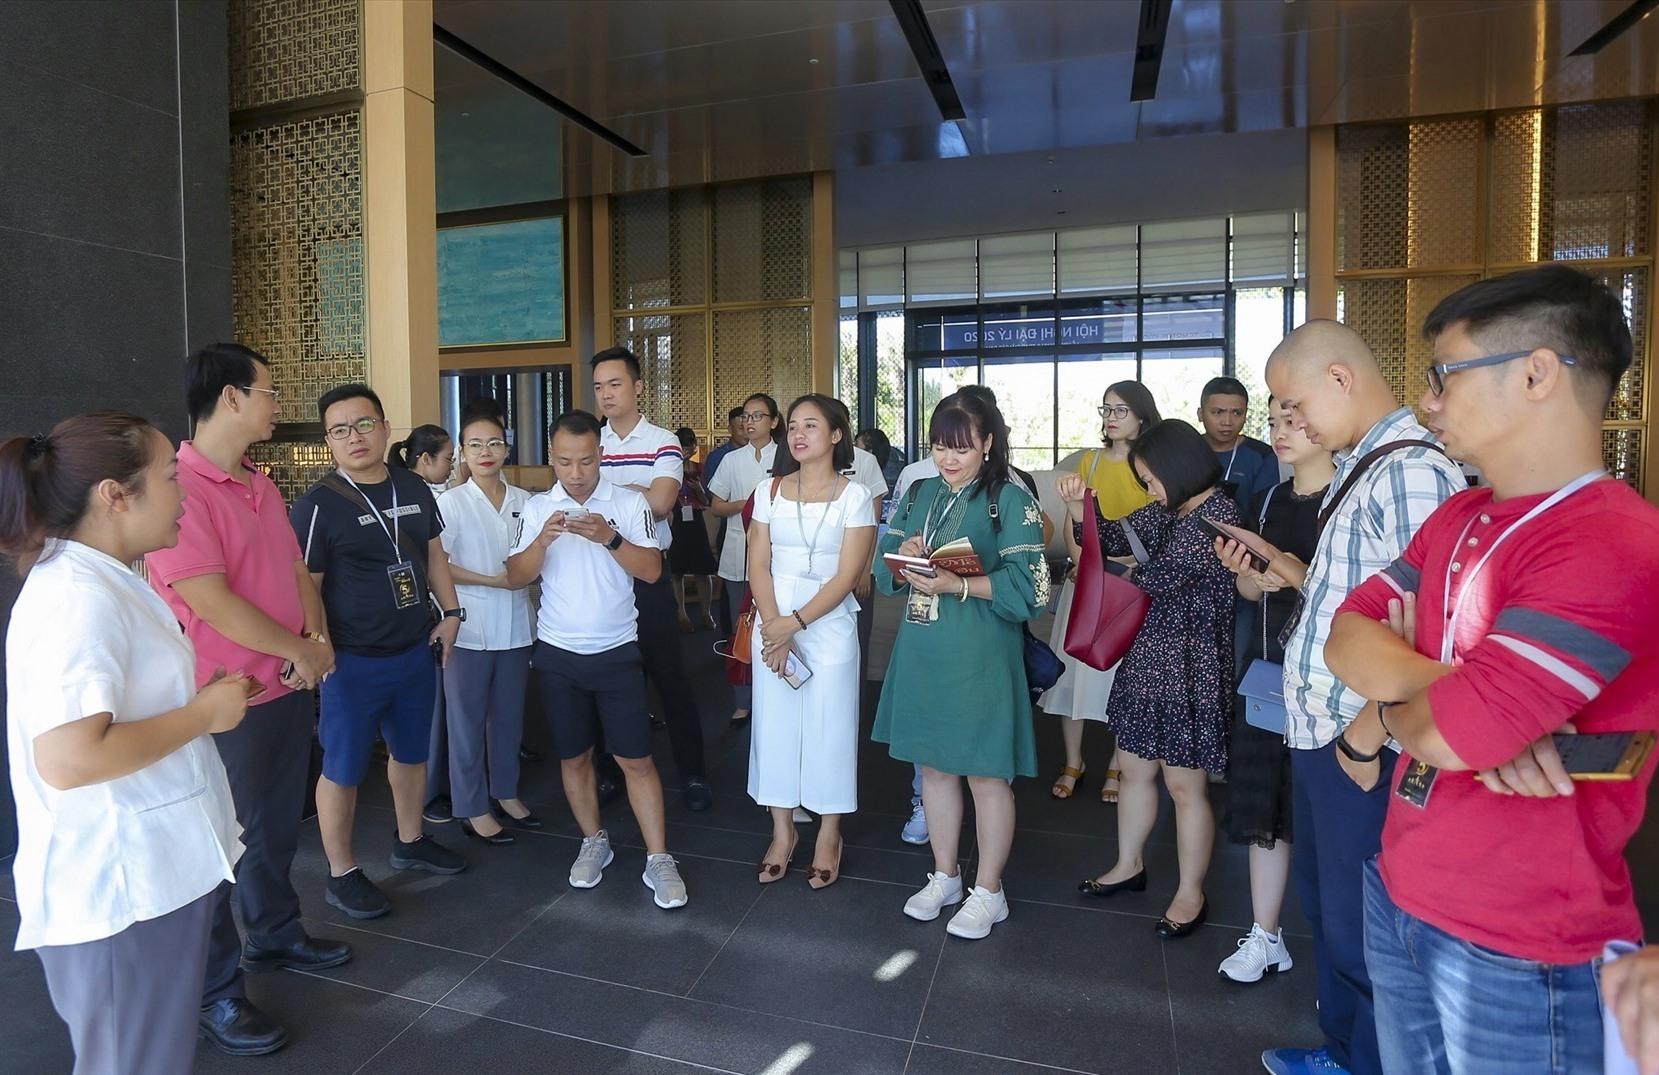 Các doanh nghiệp khảo sát dịch vụ tại một khách sạn 5 sao ở Quảng Nam.